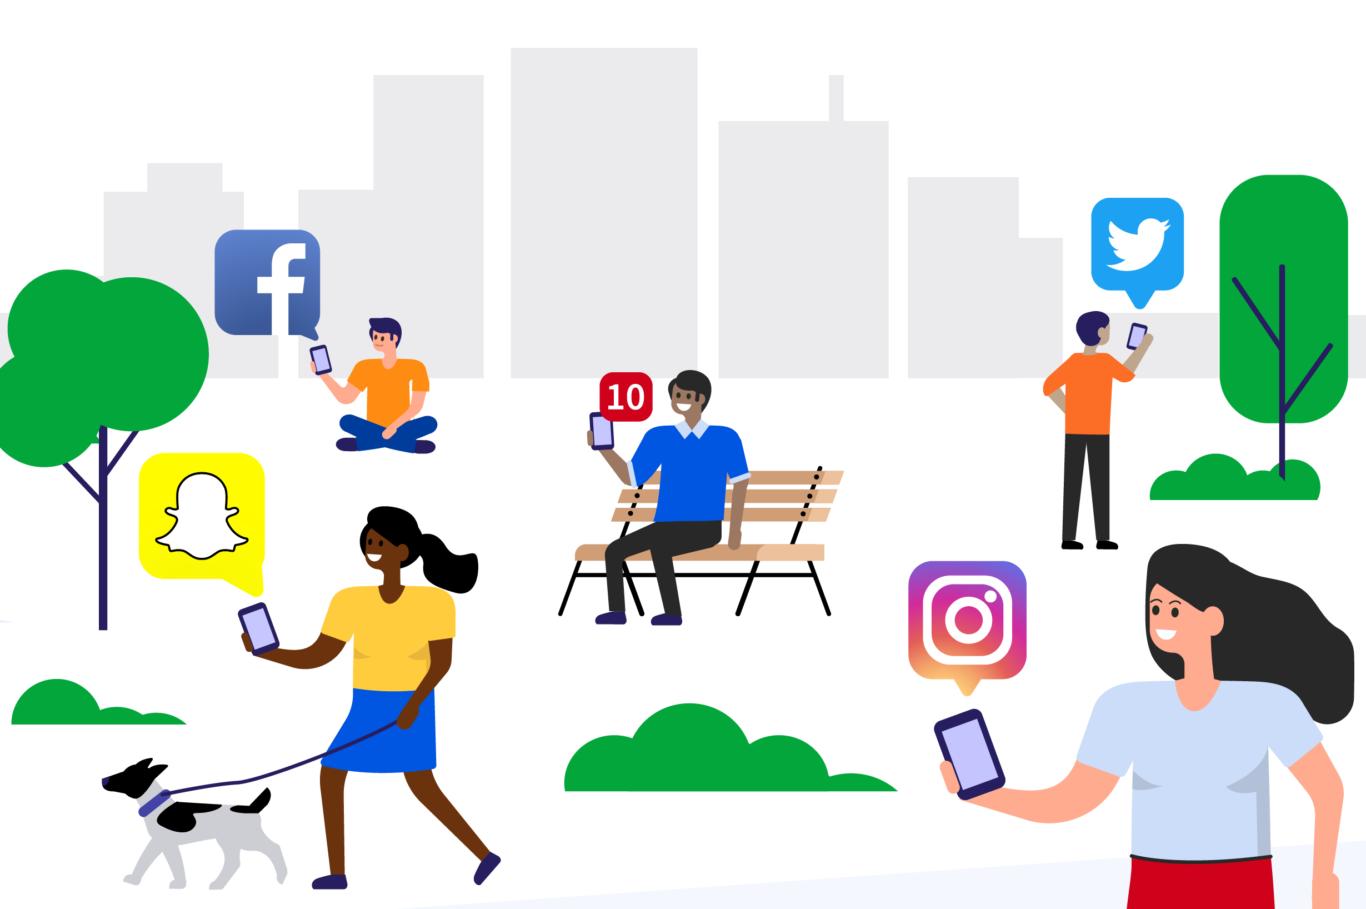 Продвижение компании в соцсетях: какую платформу использовать?